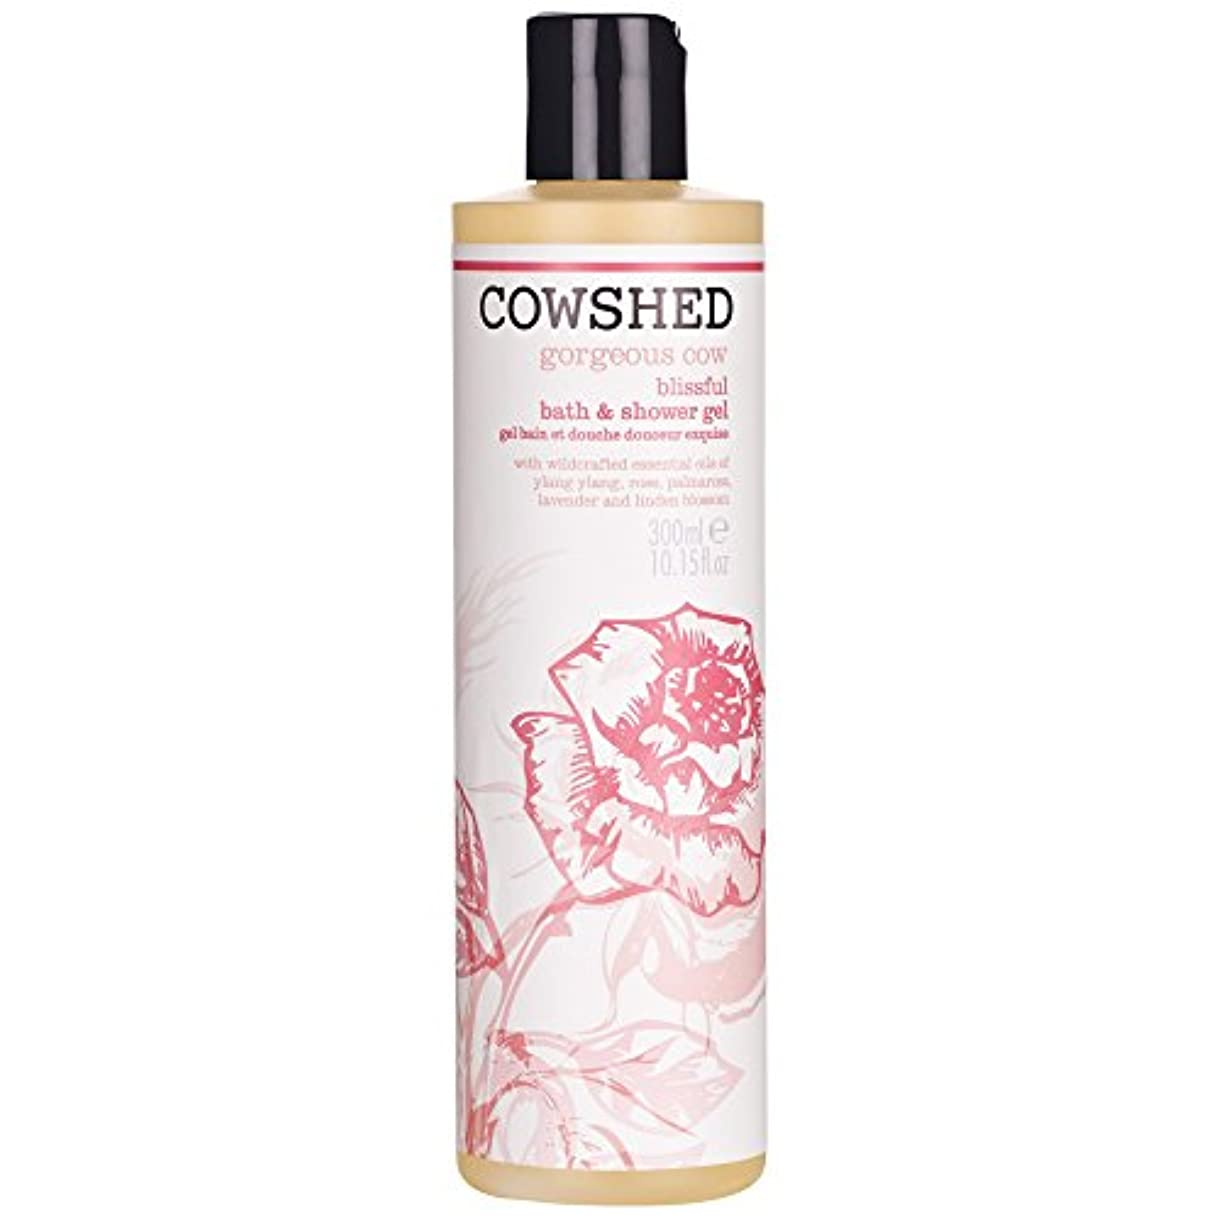 ボンド最初は開梱牛舎ゴージャスな牛のバス&シャワージェル300ミリリットル (Cowshed) (x6) - Cowshed Gorgeous Cow Bath & Shower Gel 300ml (Pack of 6) [並行輸入品]